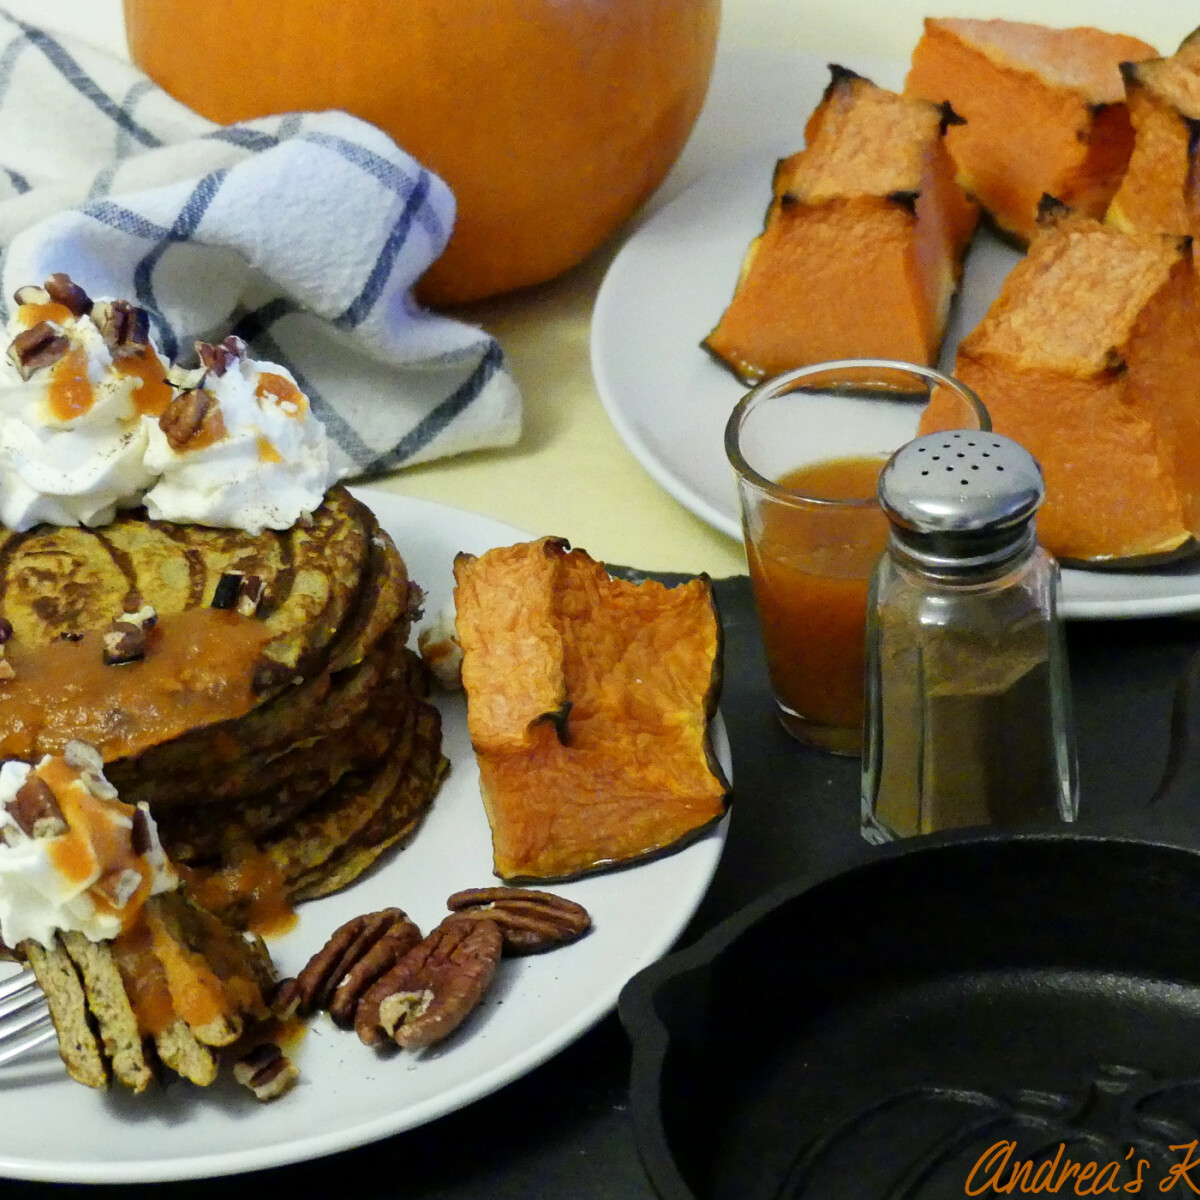 Ezen a képen: Habkönnyű, sütőtökös palacsinta - Keto, alacsony szénhidráttartalmú és gluténmentes